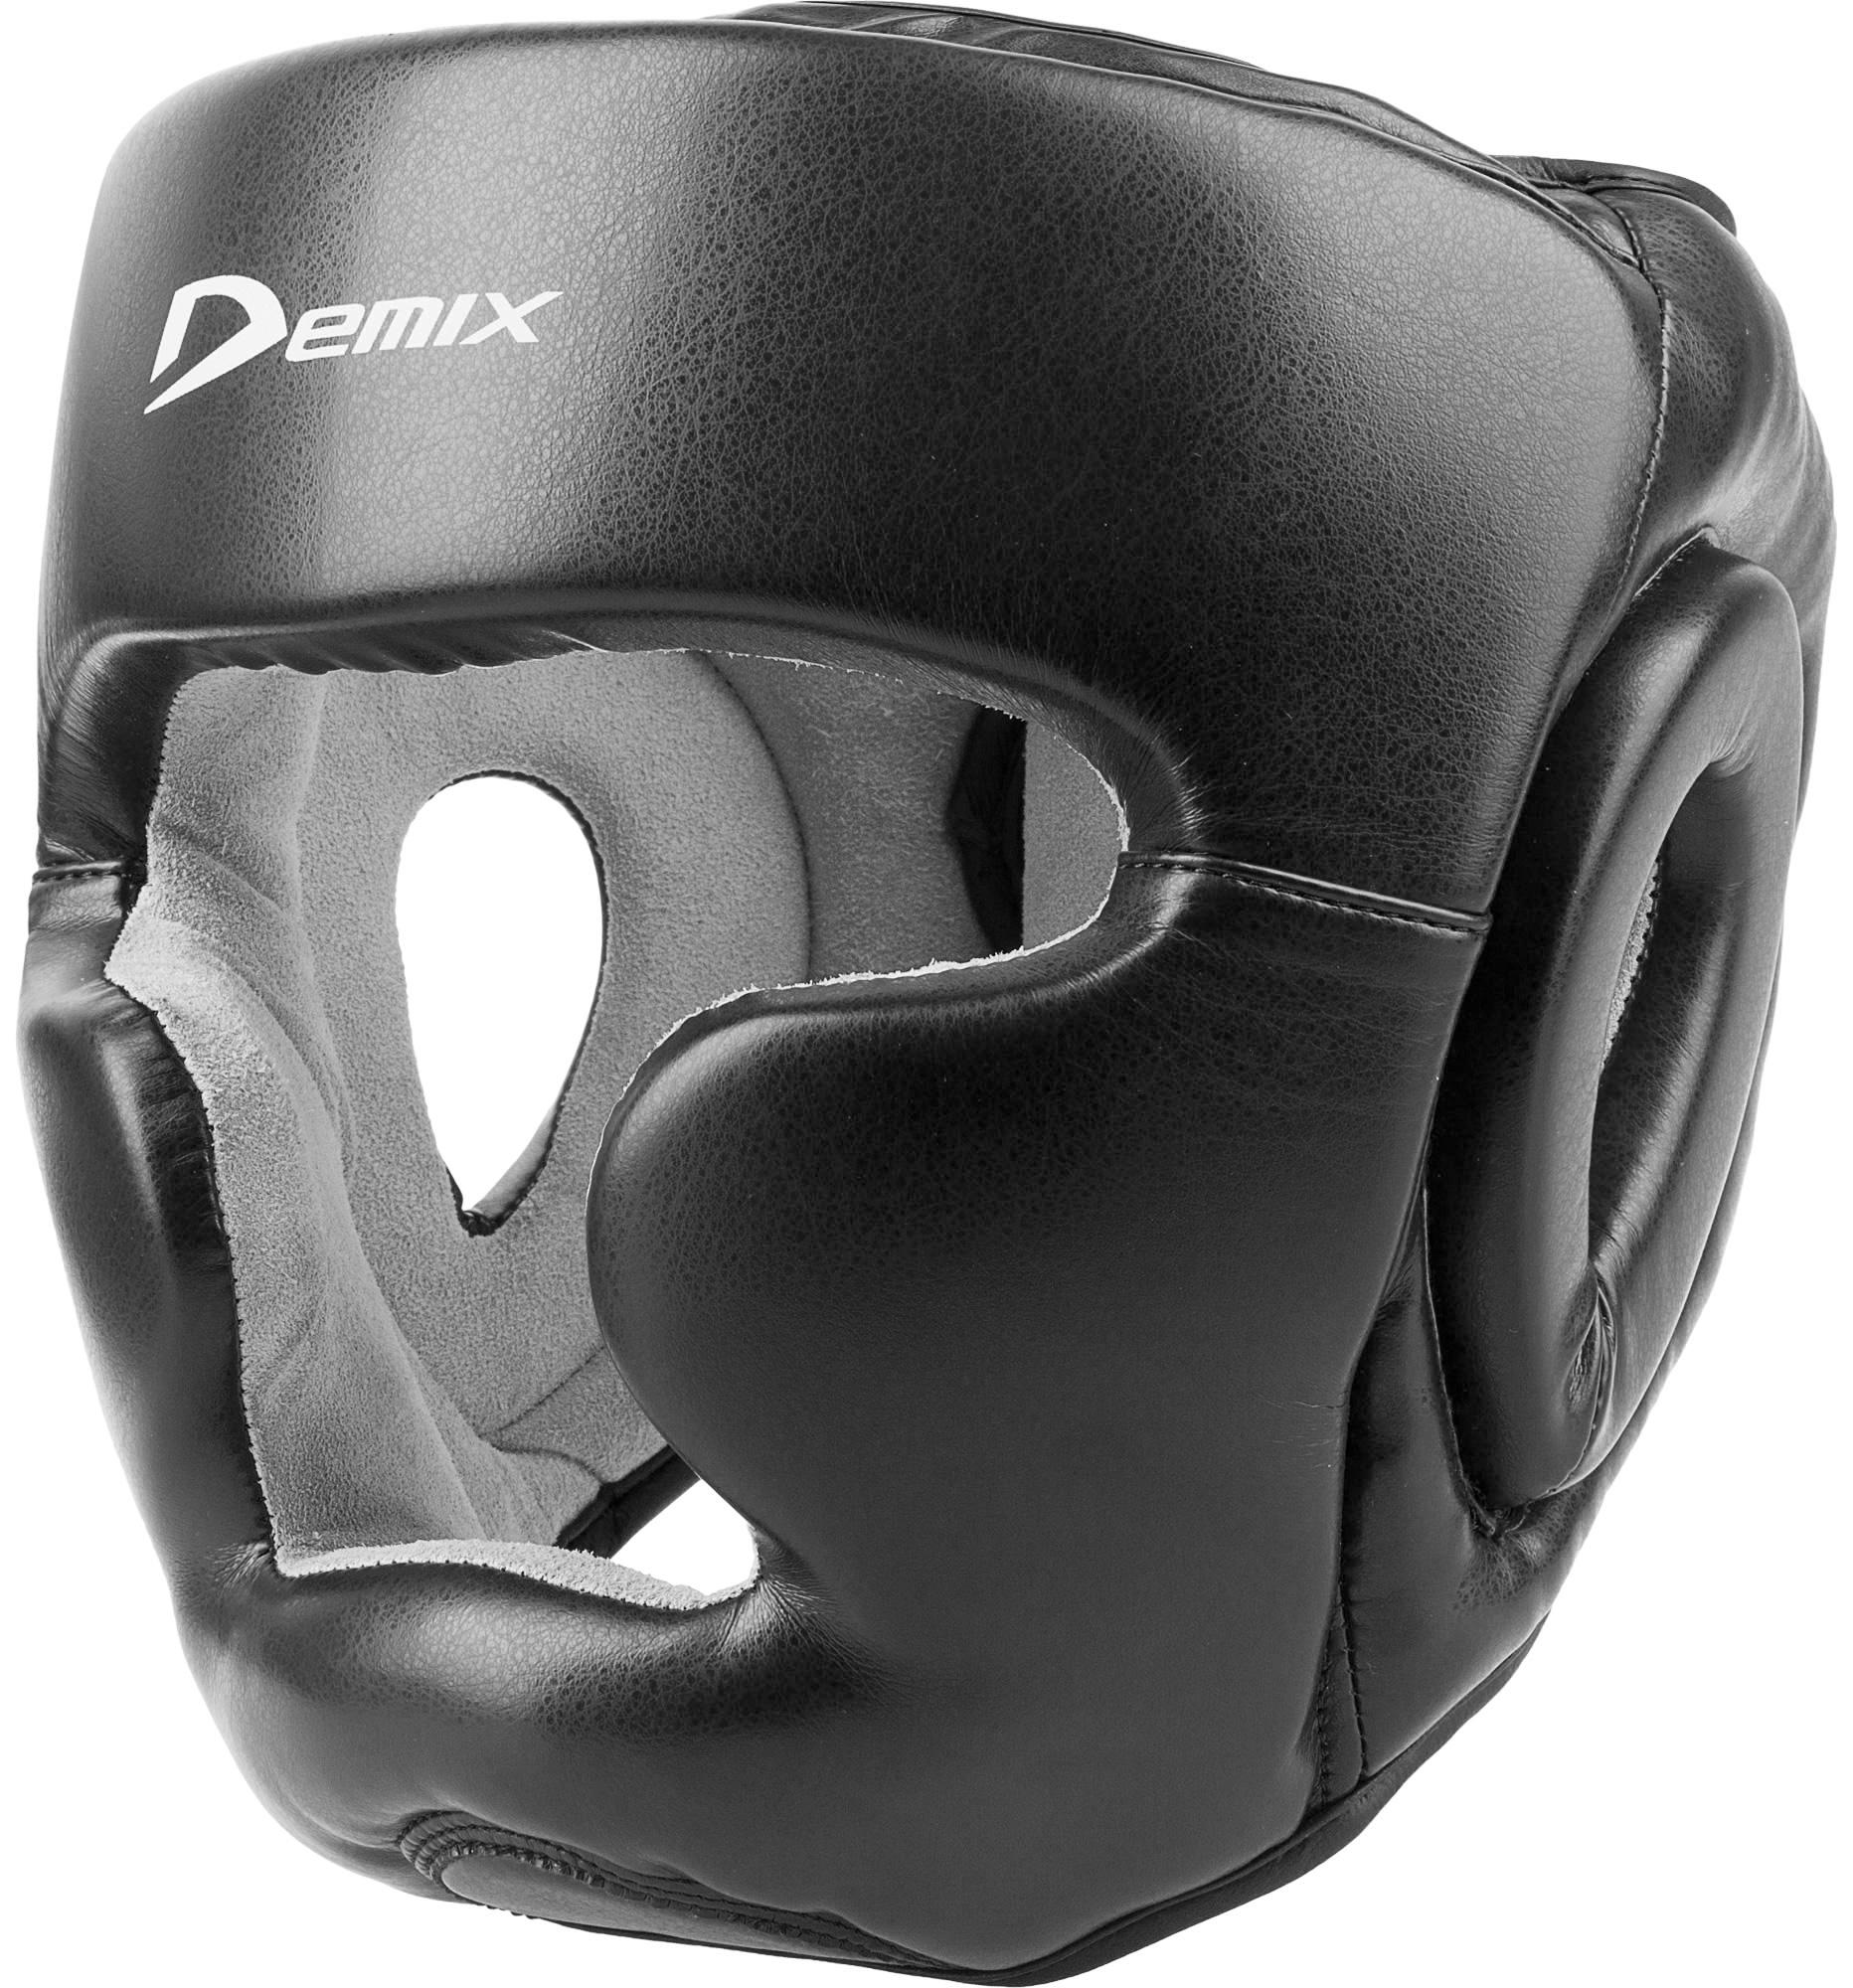 Demix Шлем тренировочный Demix, размер L